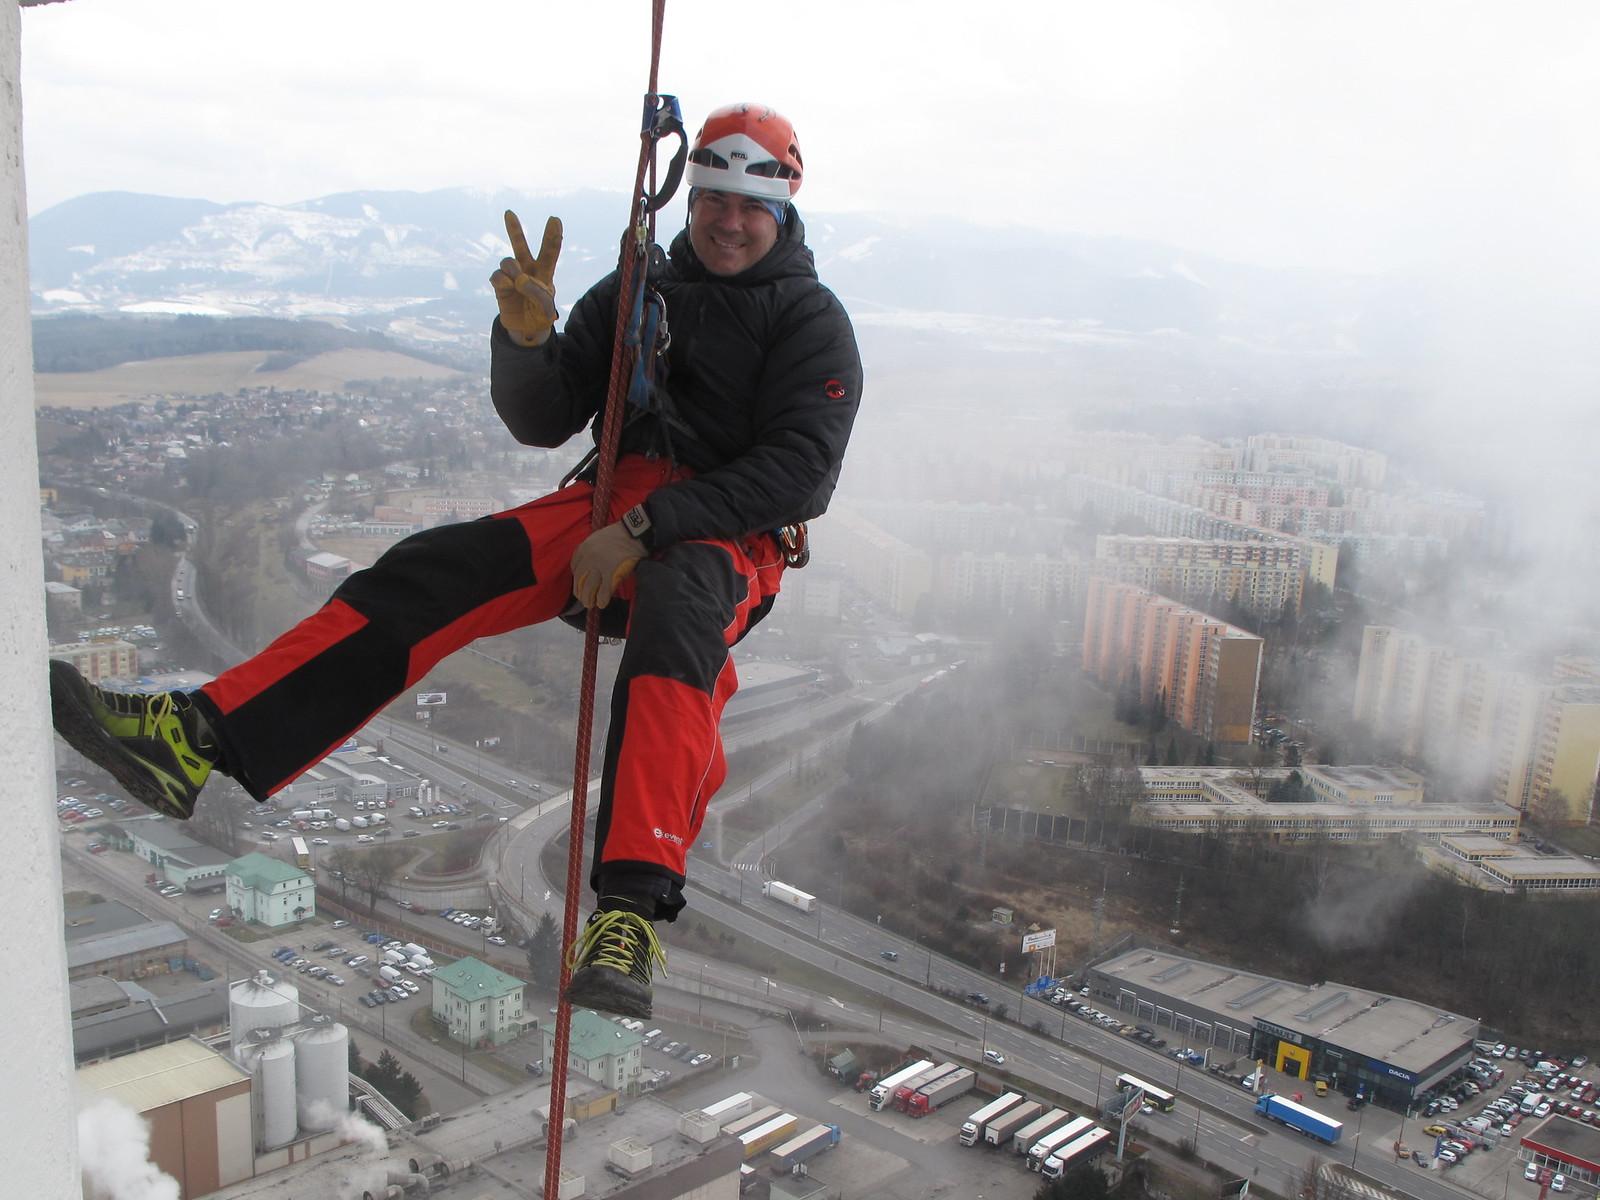 Montážne práce vo výškach